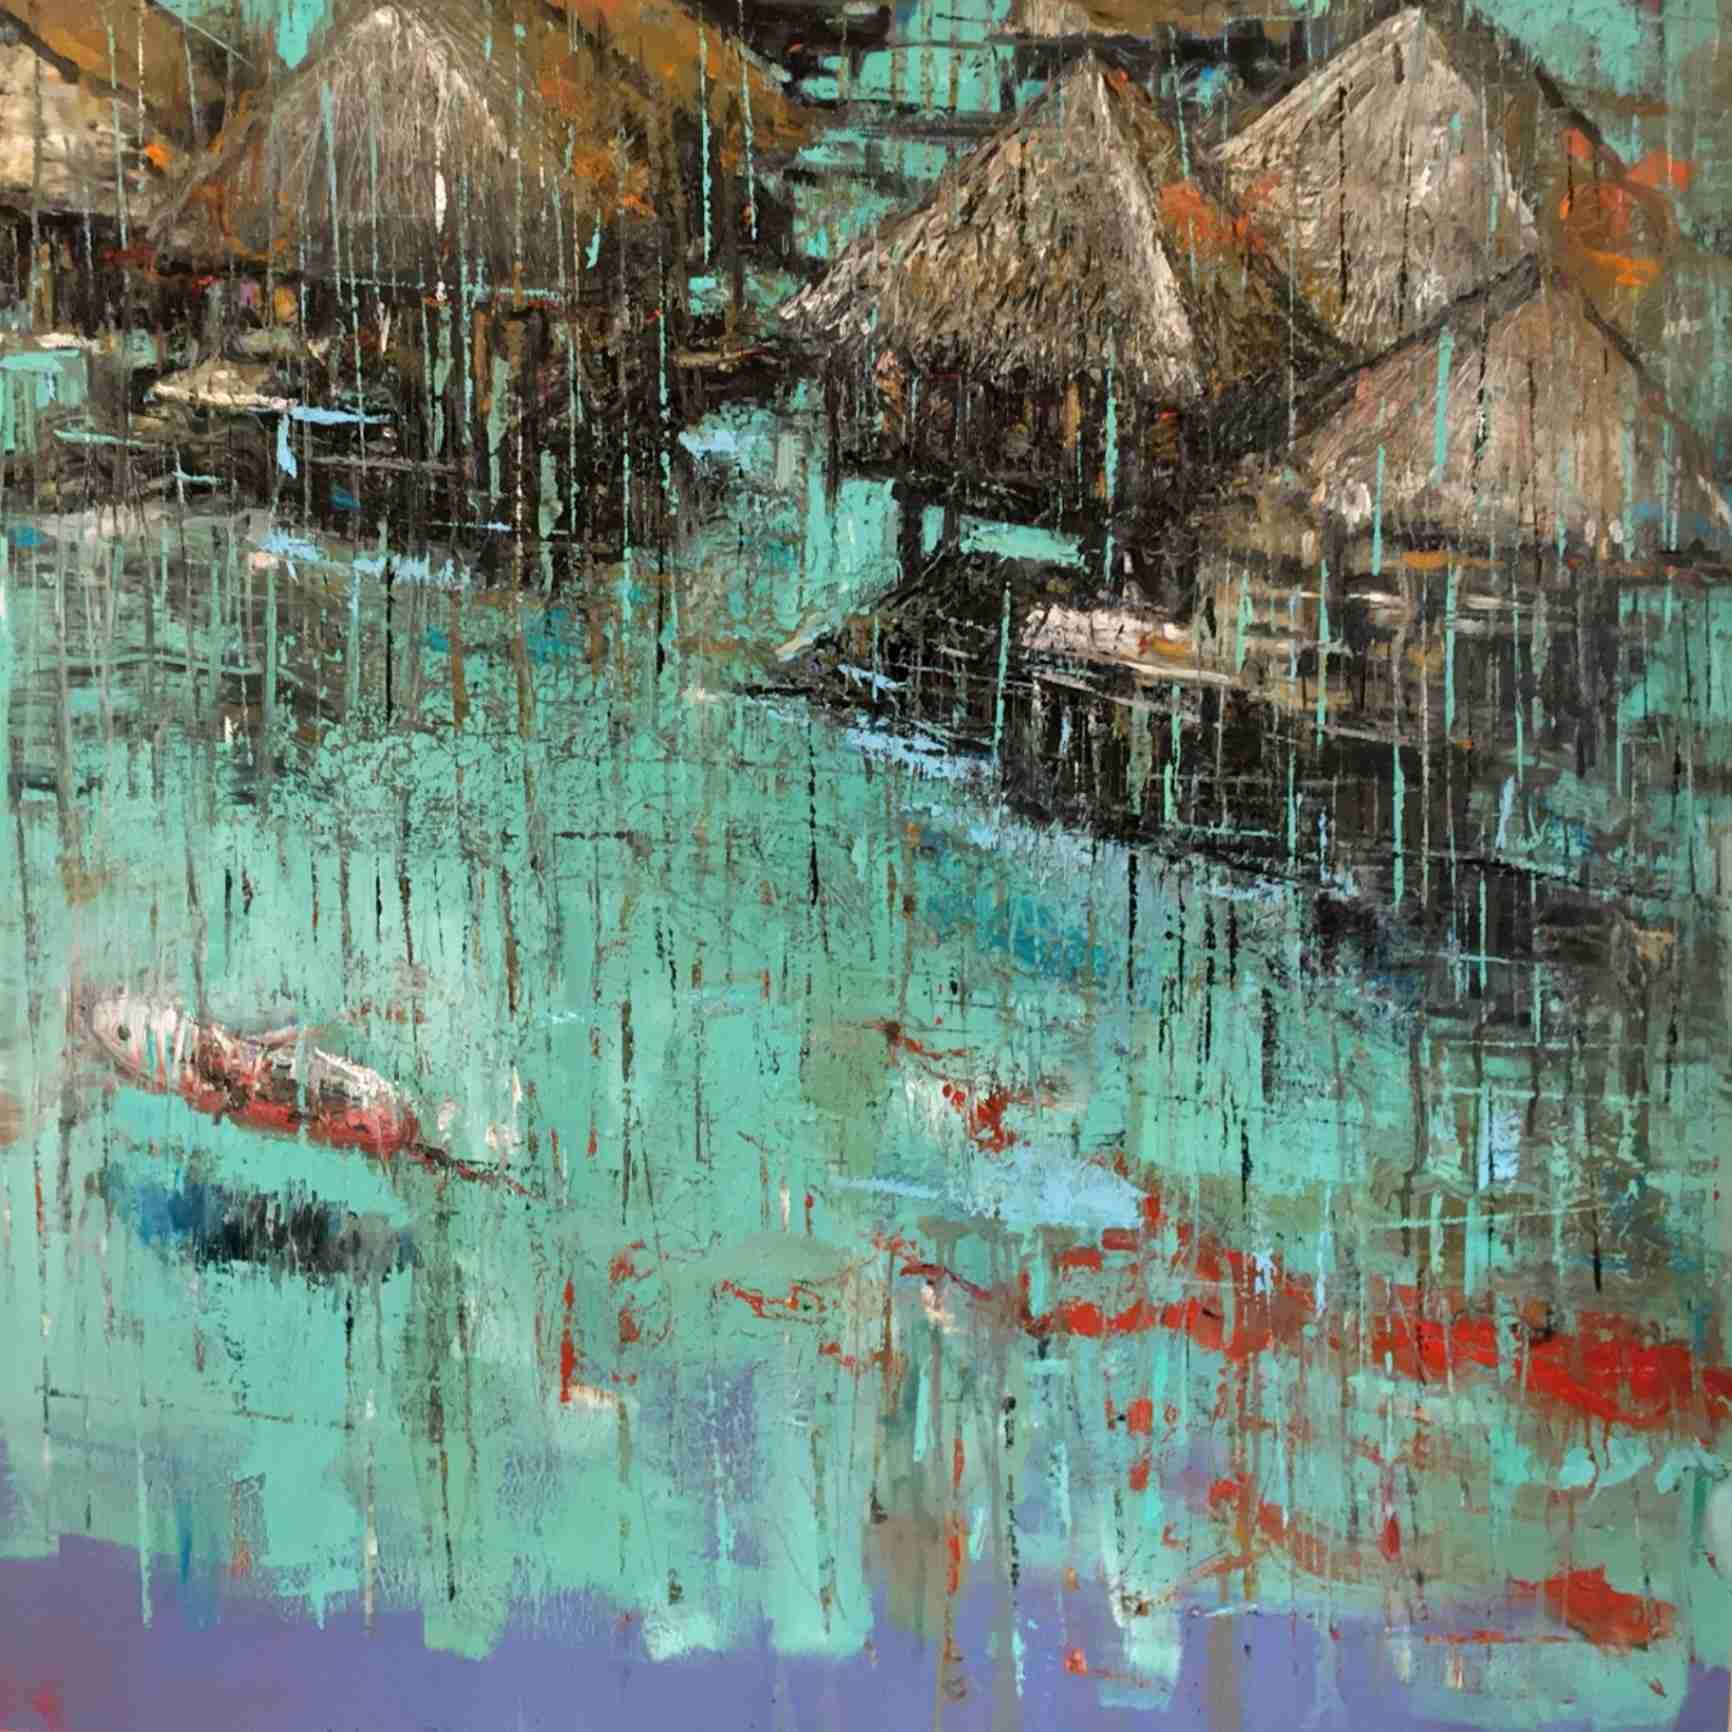 Obra: Pesadilla tropical en país frío/Comienzo de la marea roja